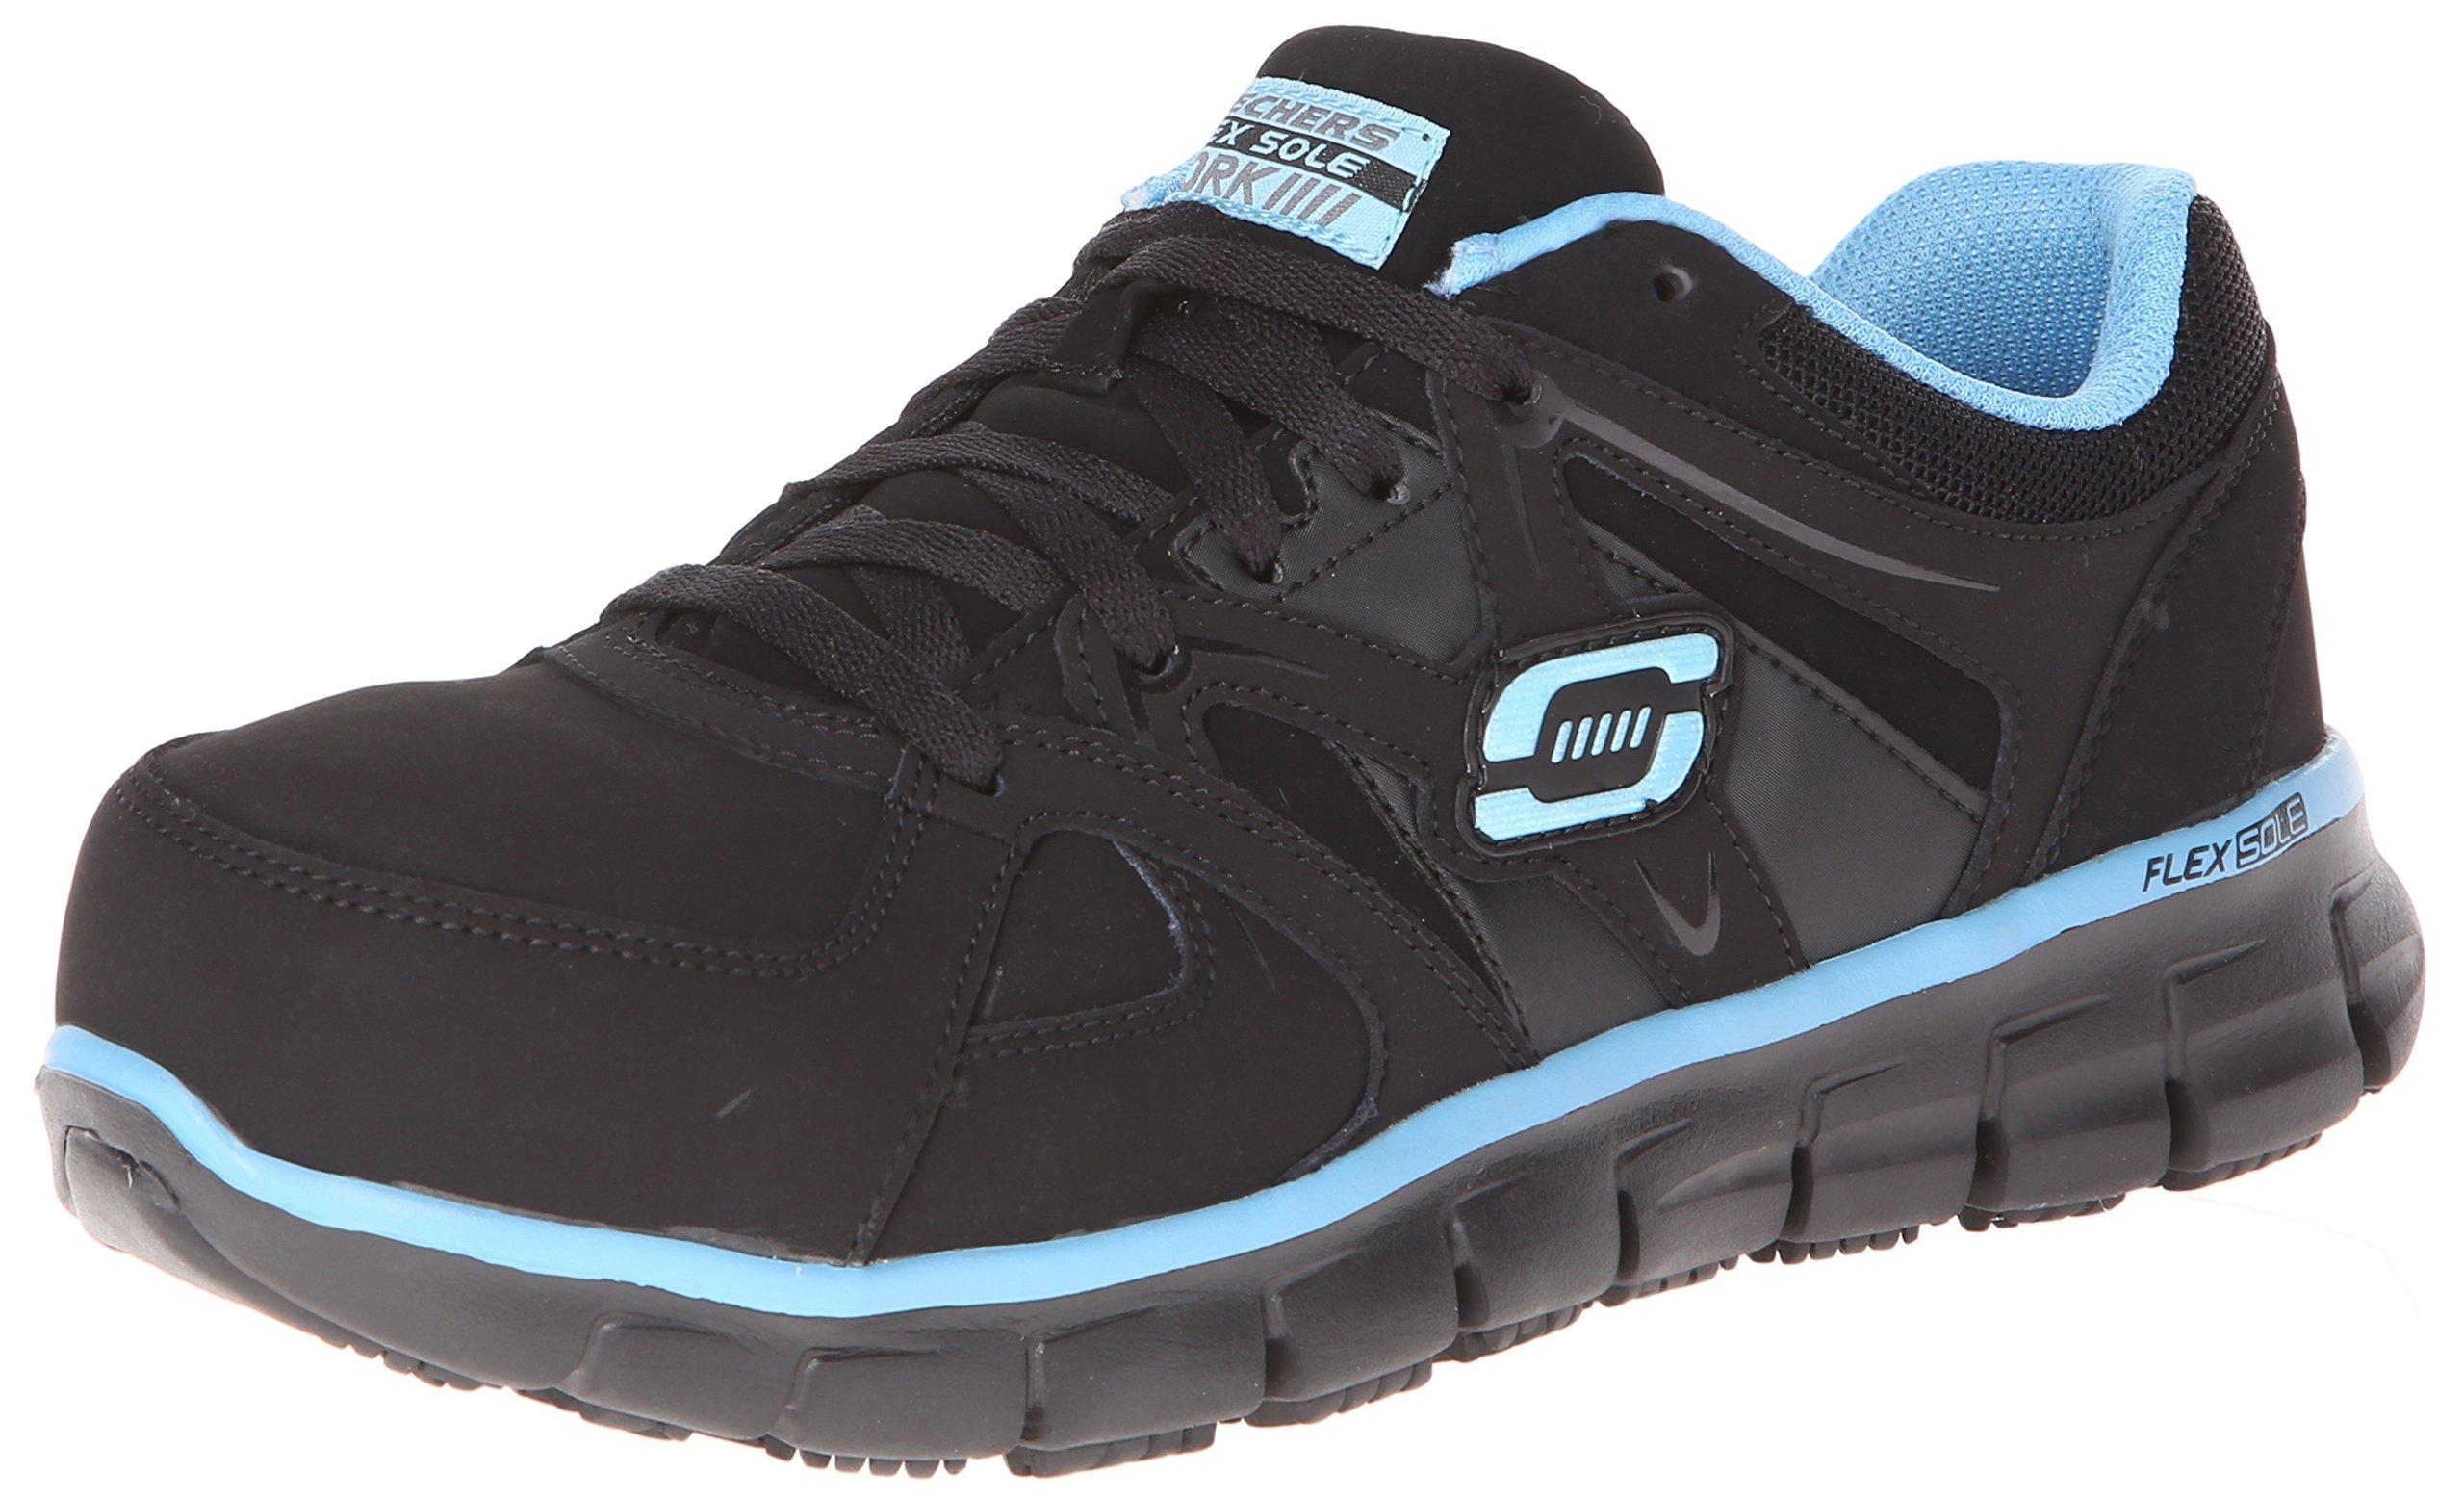 Skechers for Work Women's Synergy-sandlot Work Boot, Black/Blue, 9 M US by Skechers